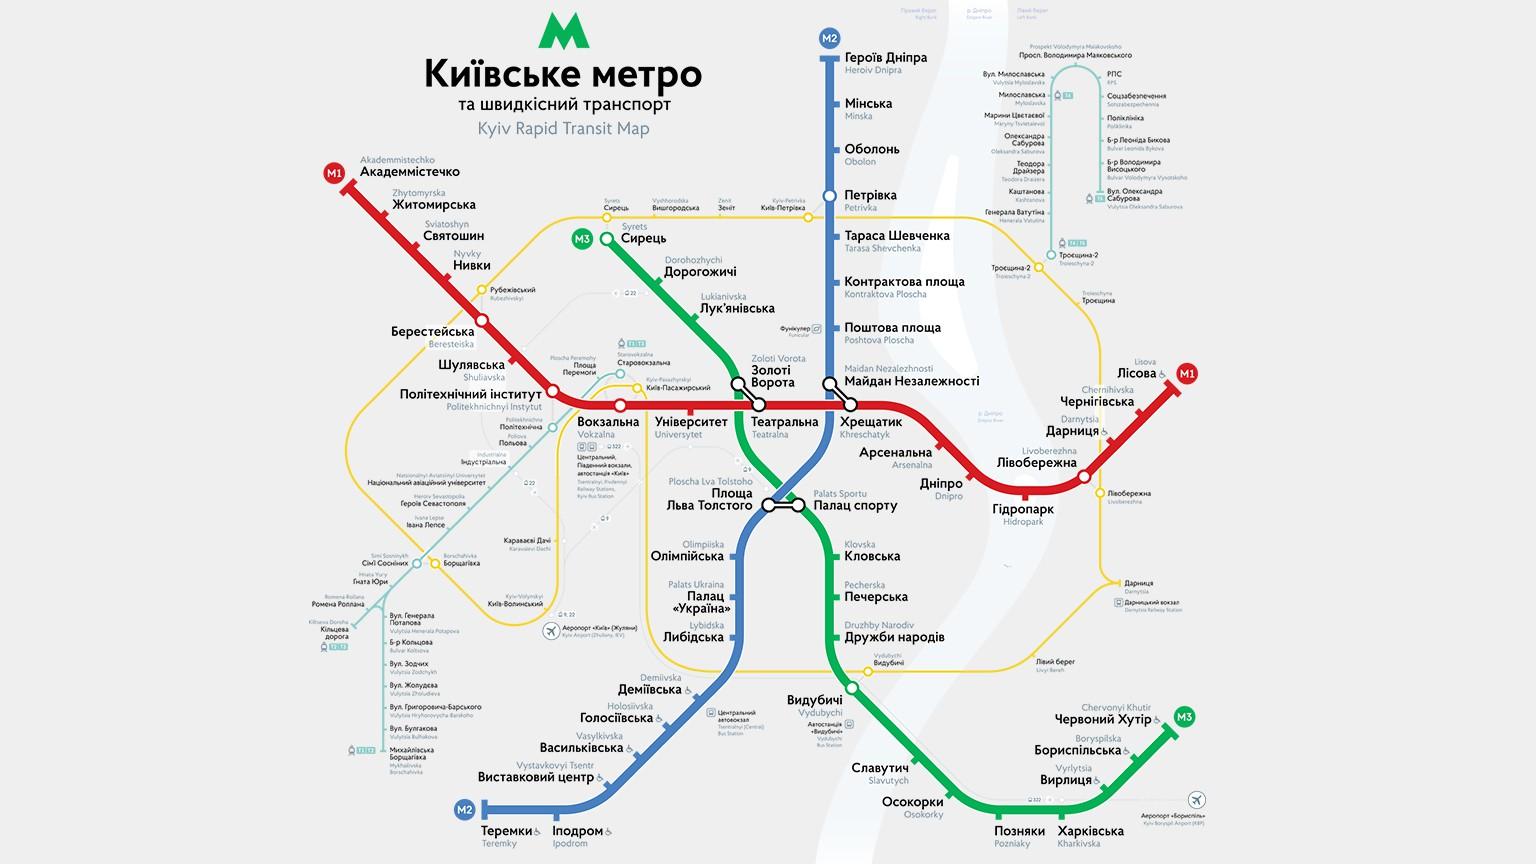 Выбирайте места размещения рекламы в метро на платформах и эскалаторах киевских станций на сайте рекламного агентства КОМАНДА-А!